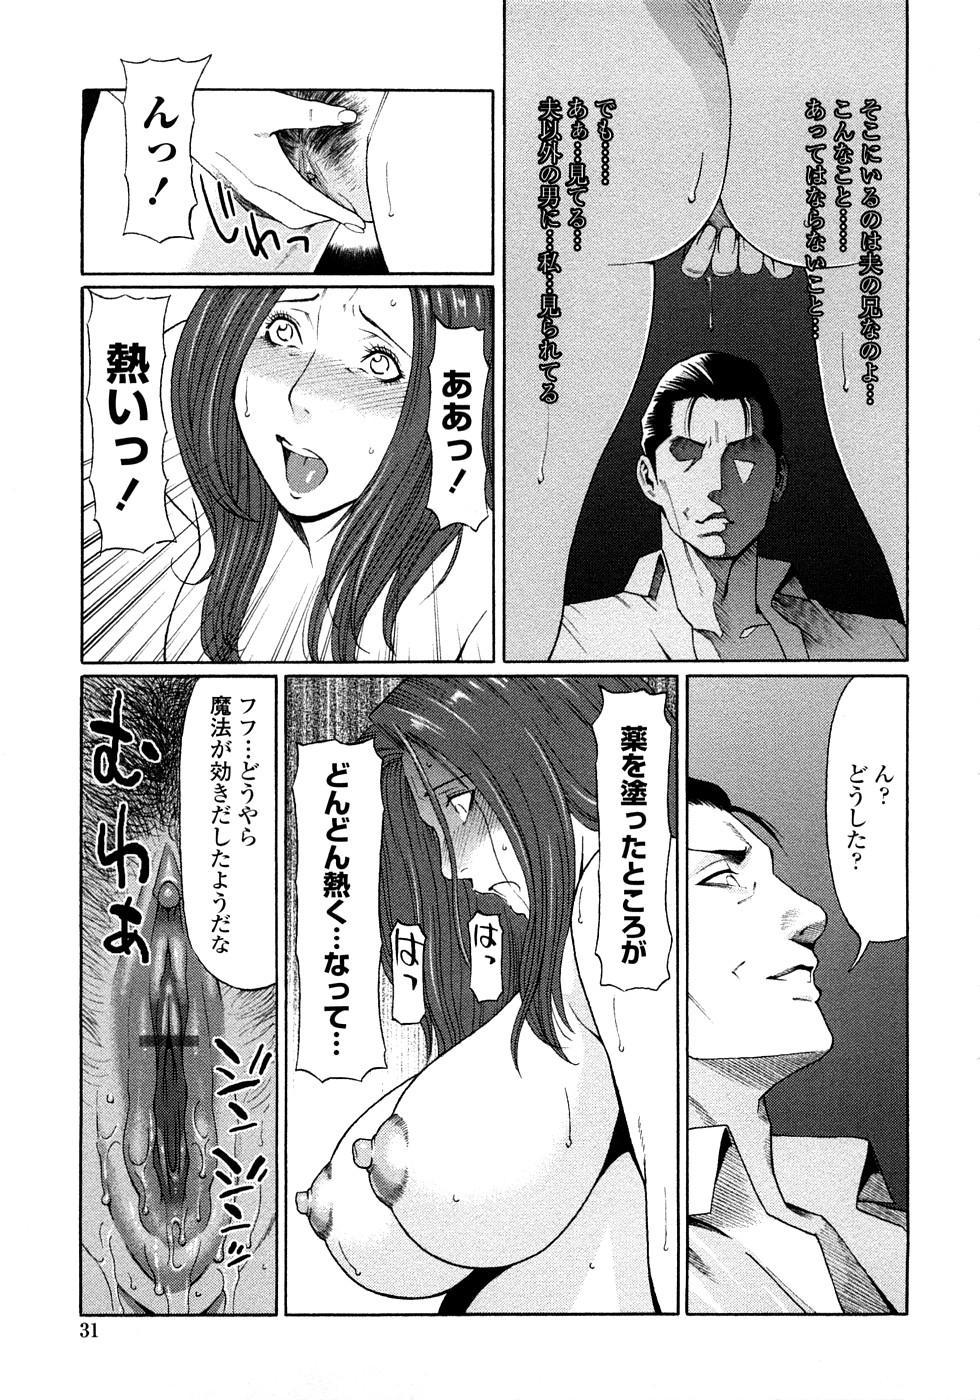 Etsuraku no Tobira - The Door of Sexual Pleasure 29